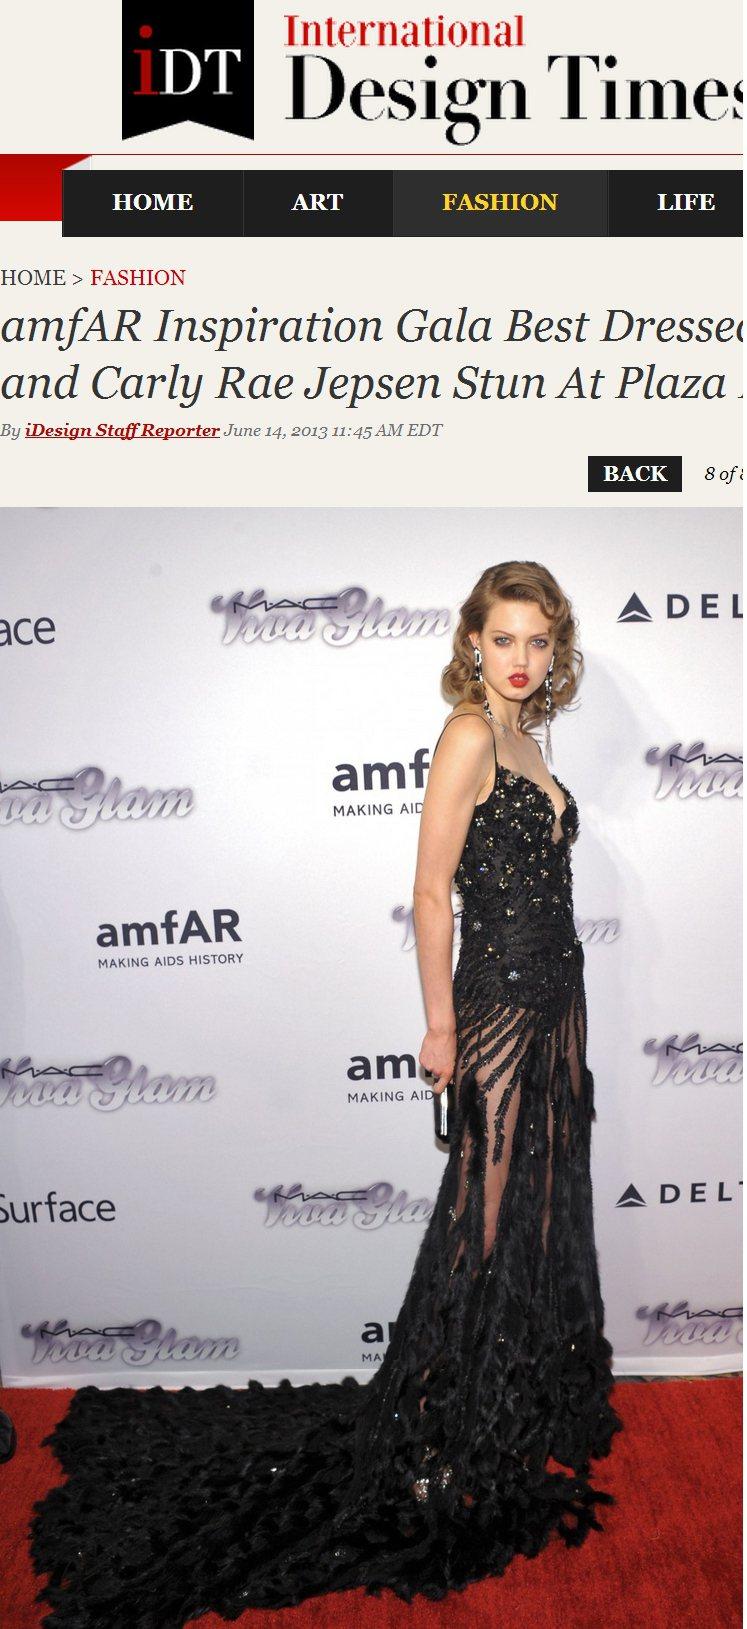 超模 Lindsey Wixson 的黑色禮服除了亮片點綴的深V剪裁,裙身的抓破...